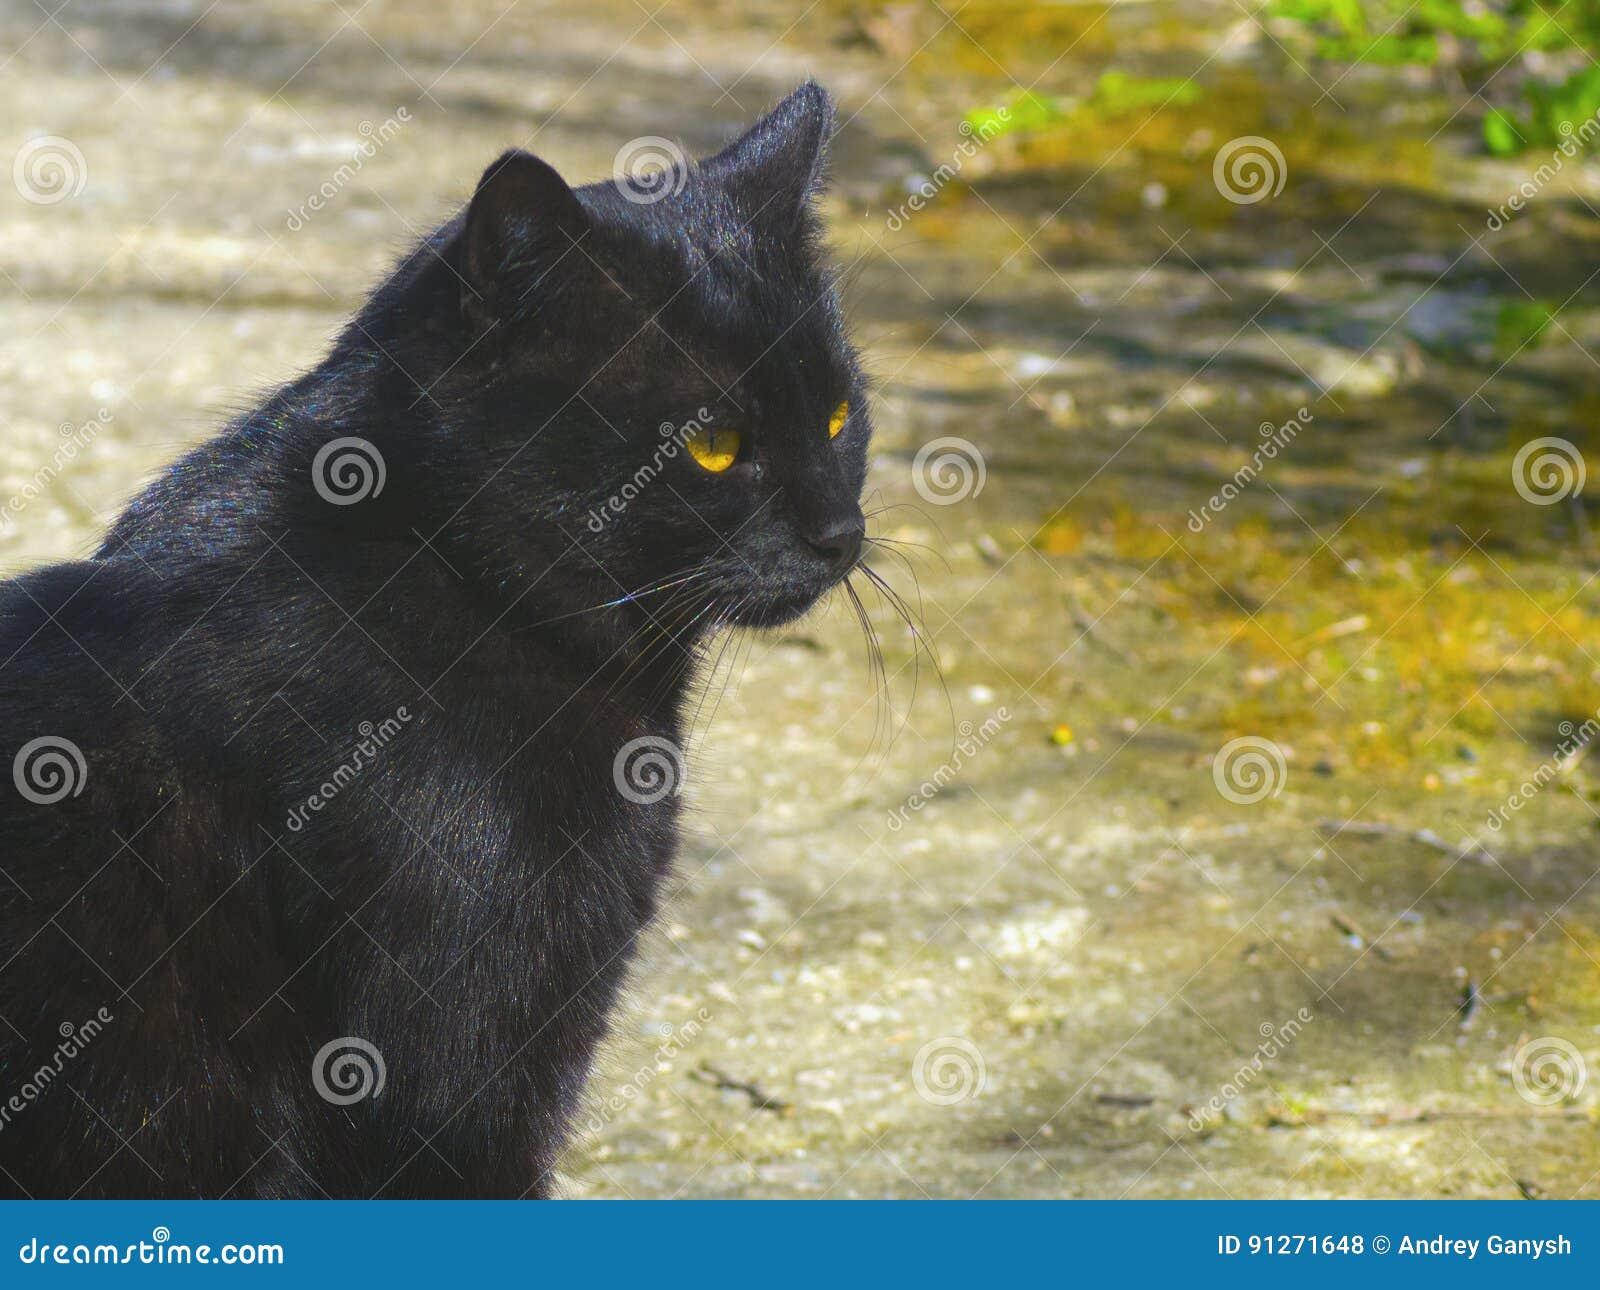 Czarny kot patrzeje gdzieś w odległości